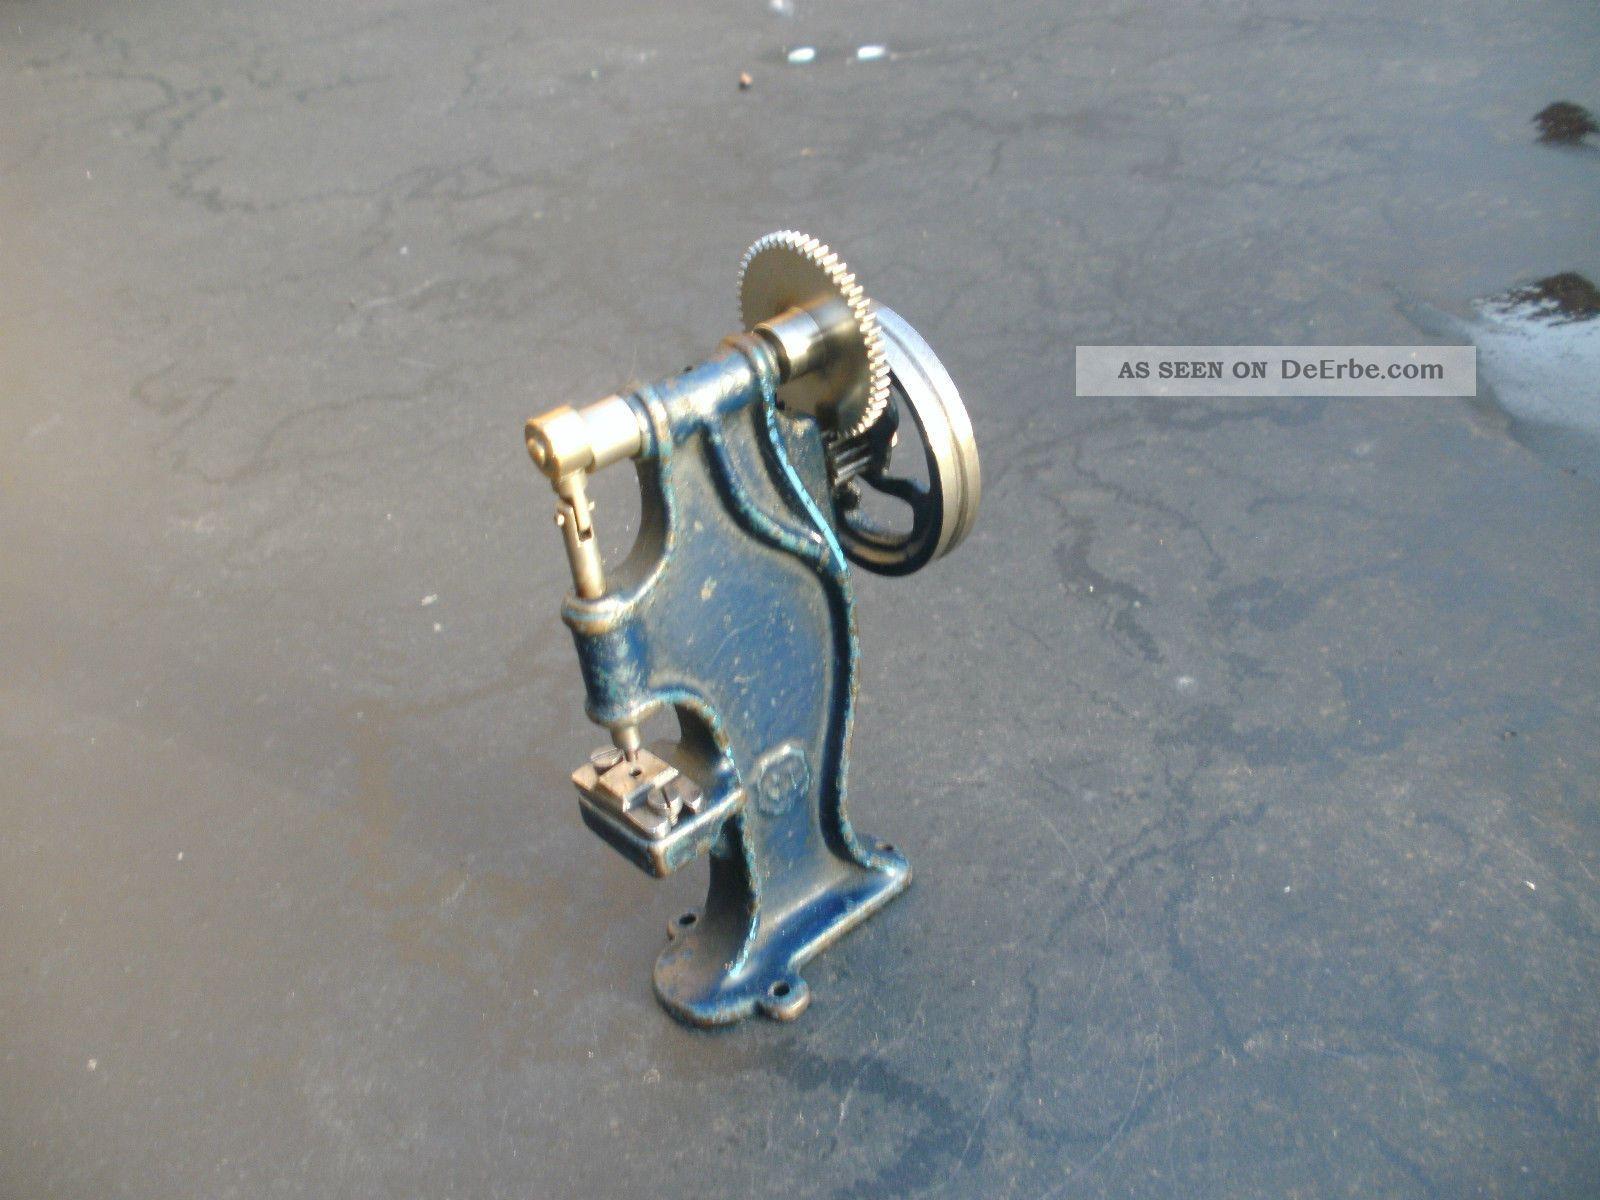 Märklin Exenterpresse Für Dampfmaschine Steam Engine Steam Toy Gefertigt vor 1945 Bild